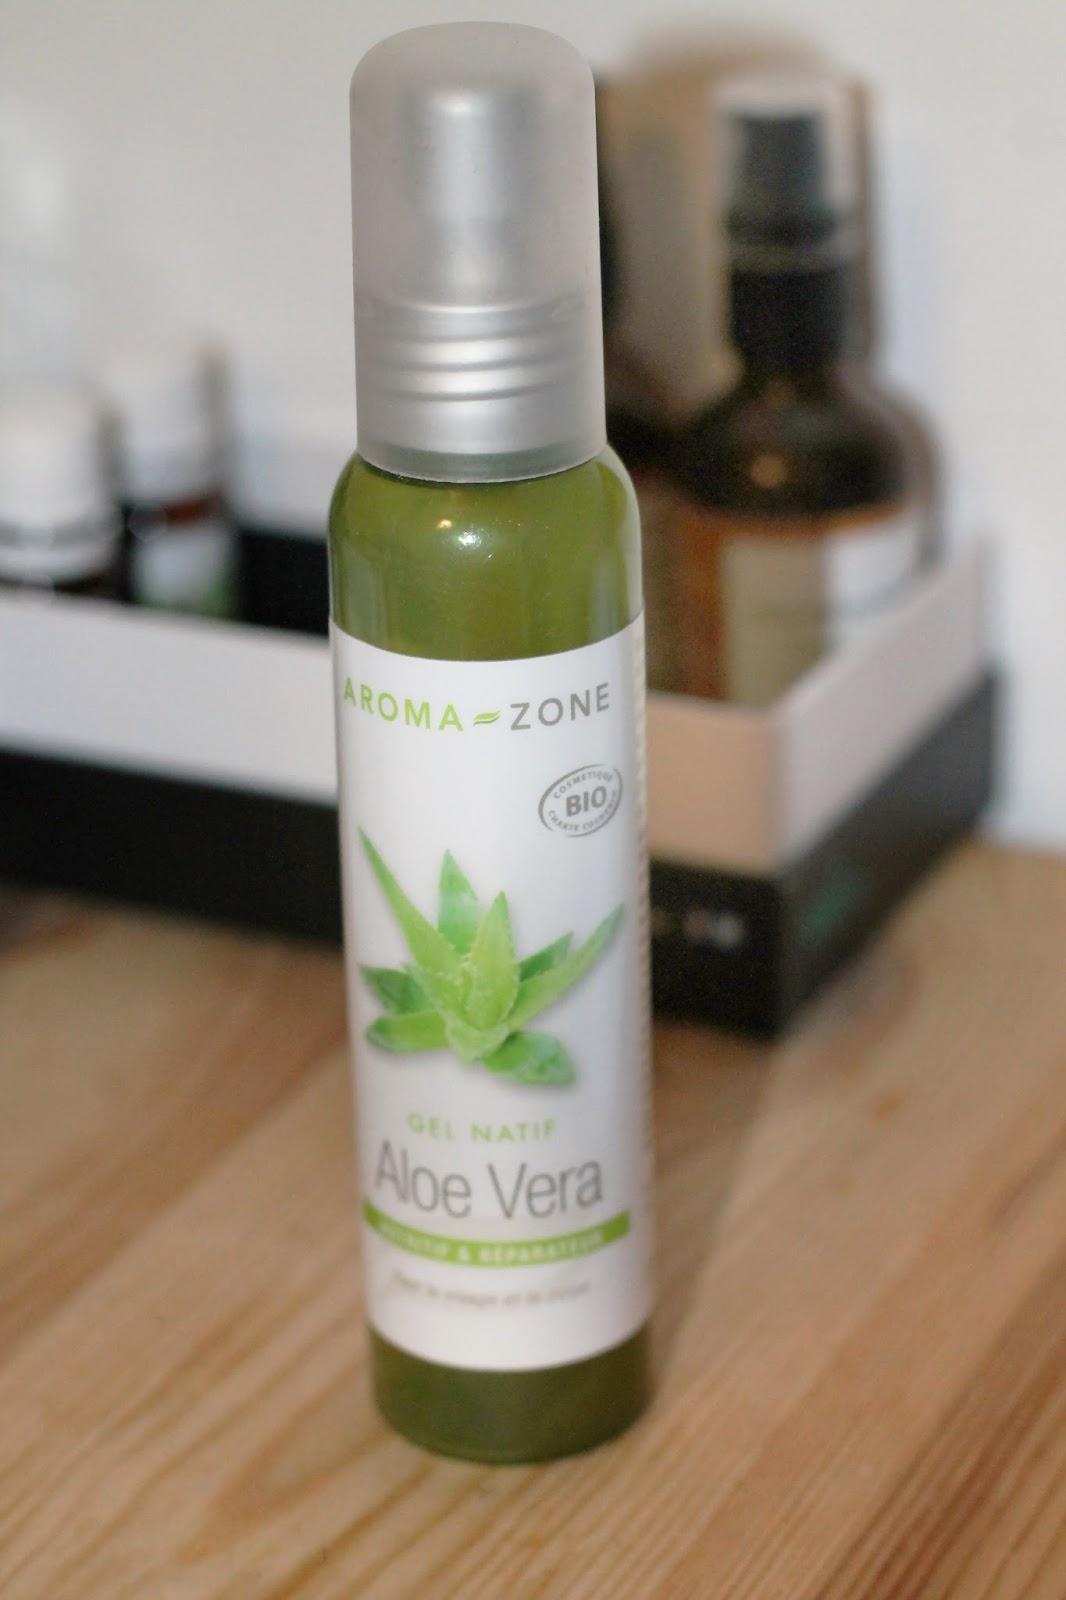 des cheveux aux naturels ?: le gel d'aloe vera de pur aloe